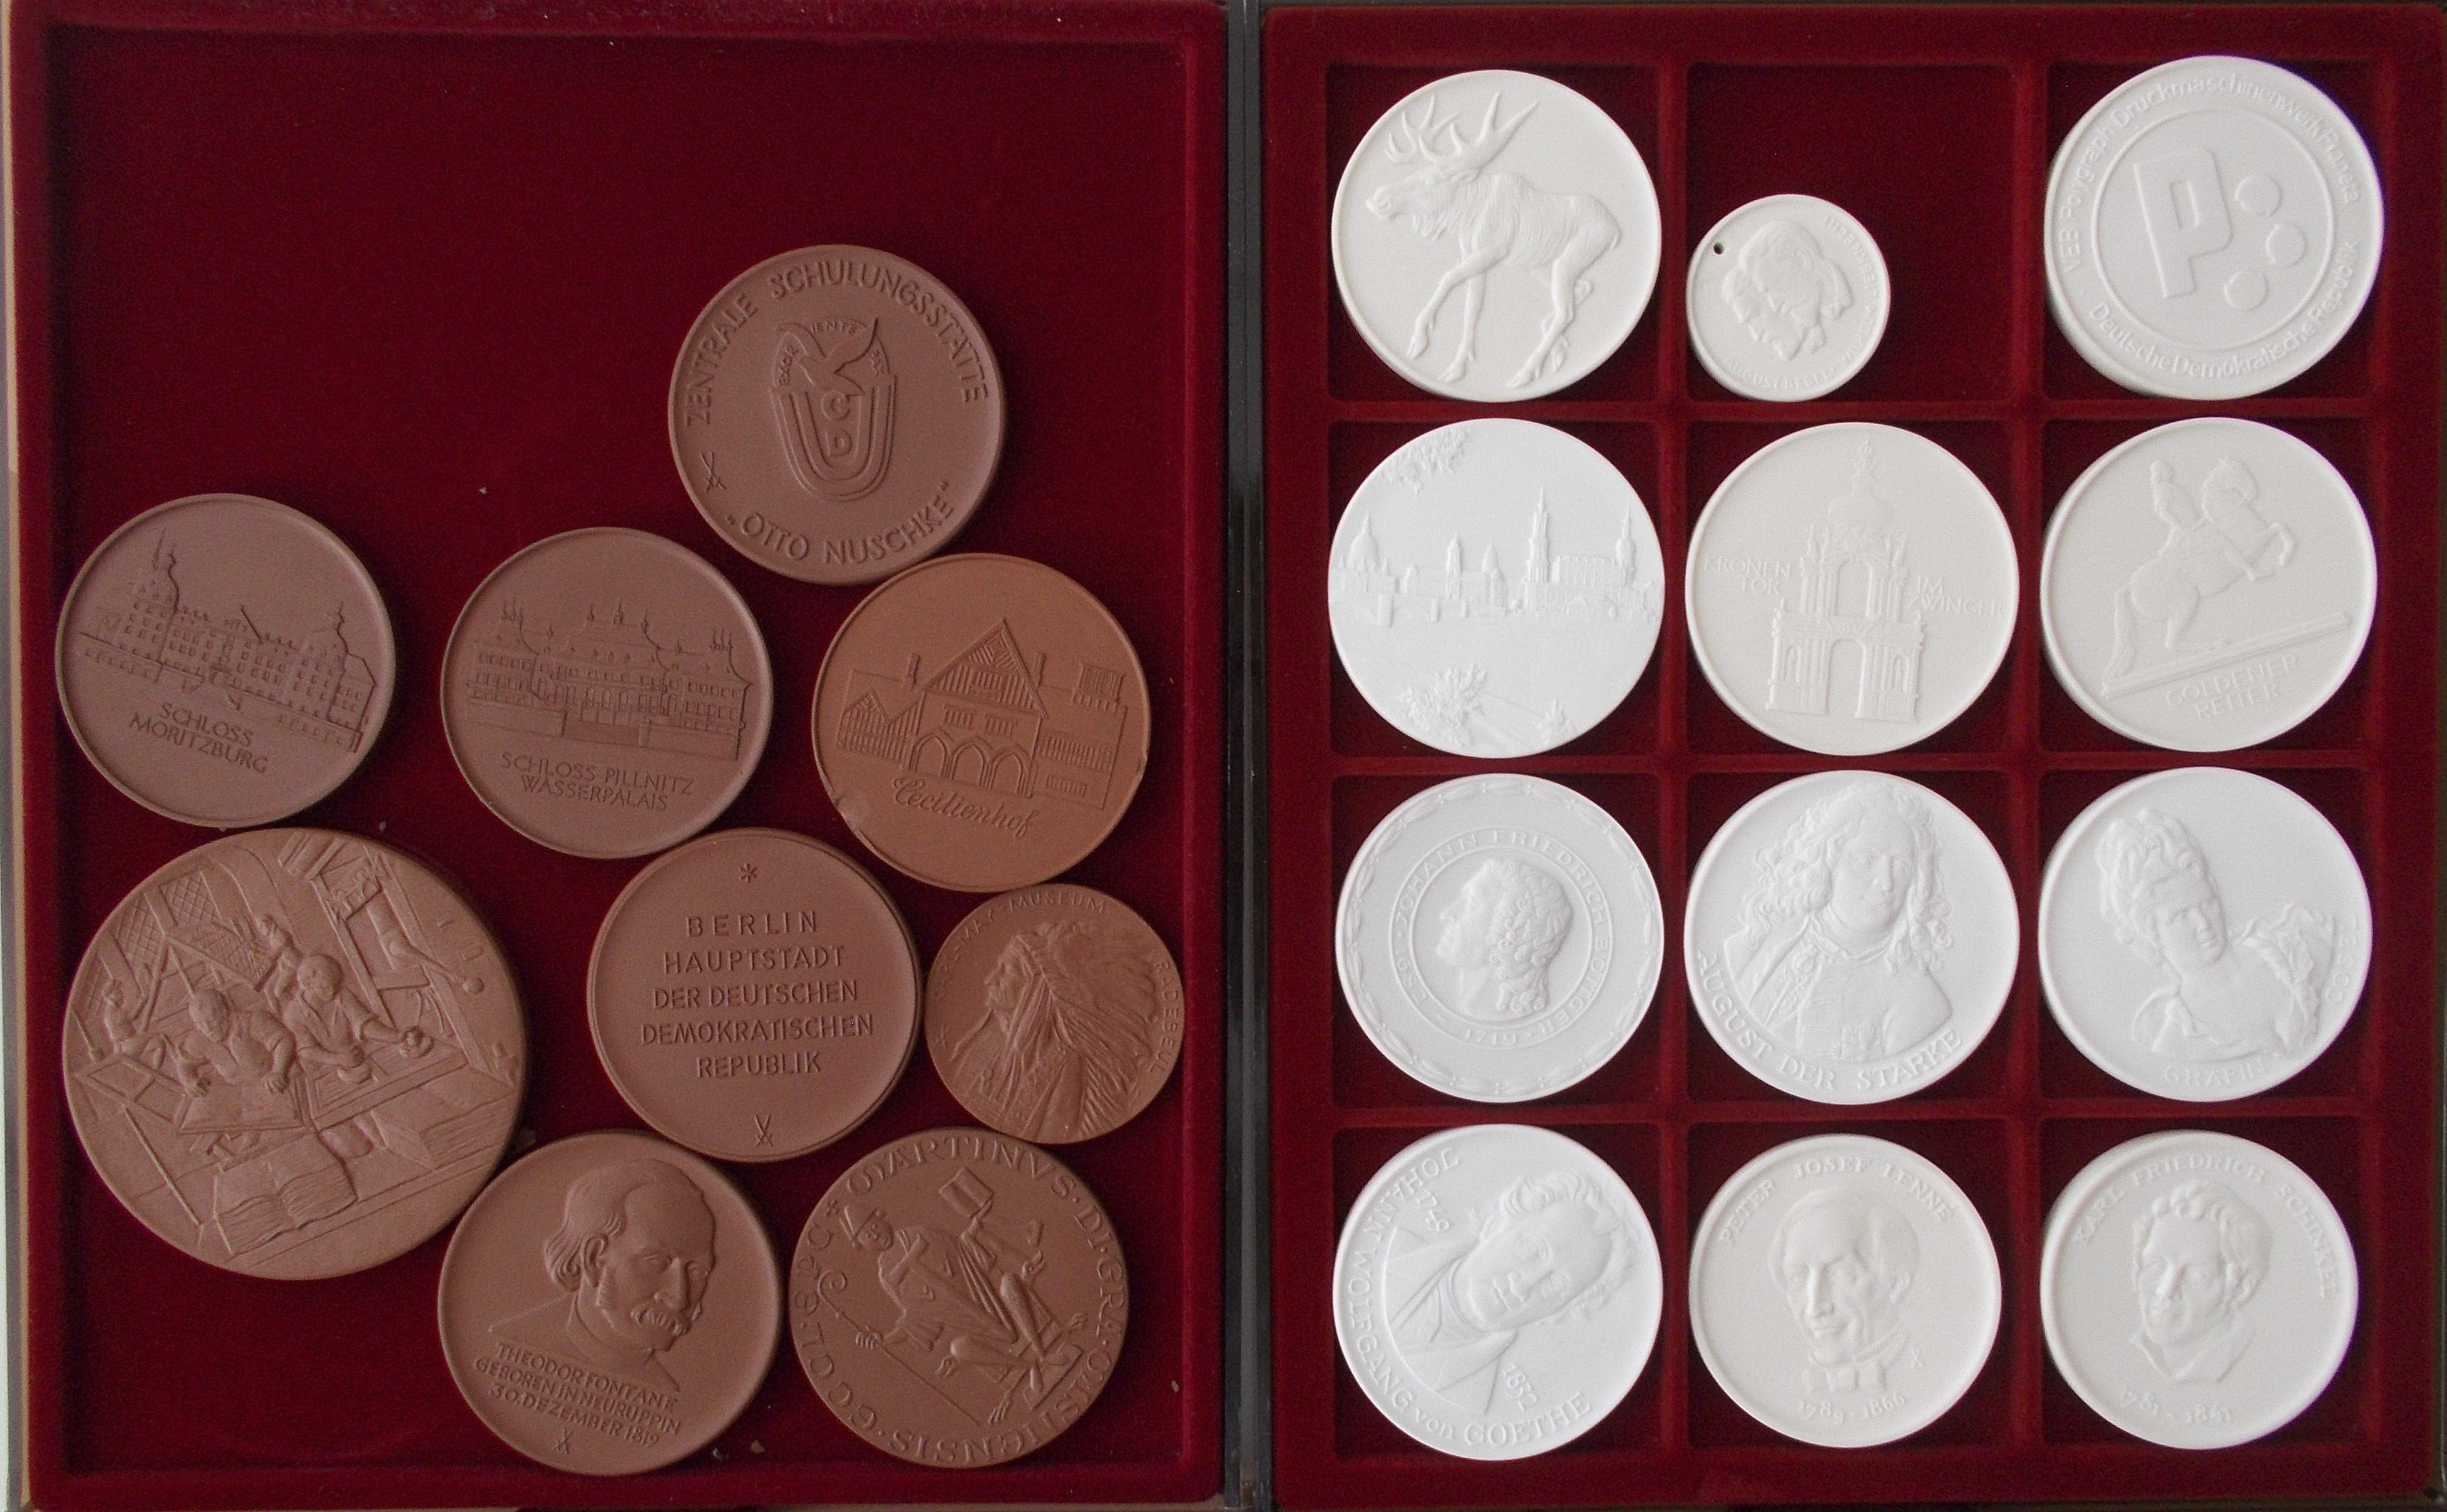 Lot 02848 - Medaillen Deutschland | Münzen  -  Auktionshaus Christoph Gärtner GmbH & Co. KG Sale #48 The Coins & The Picture Post Cards